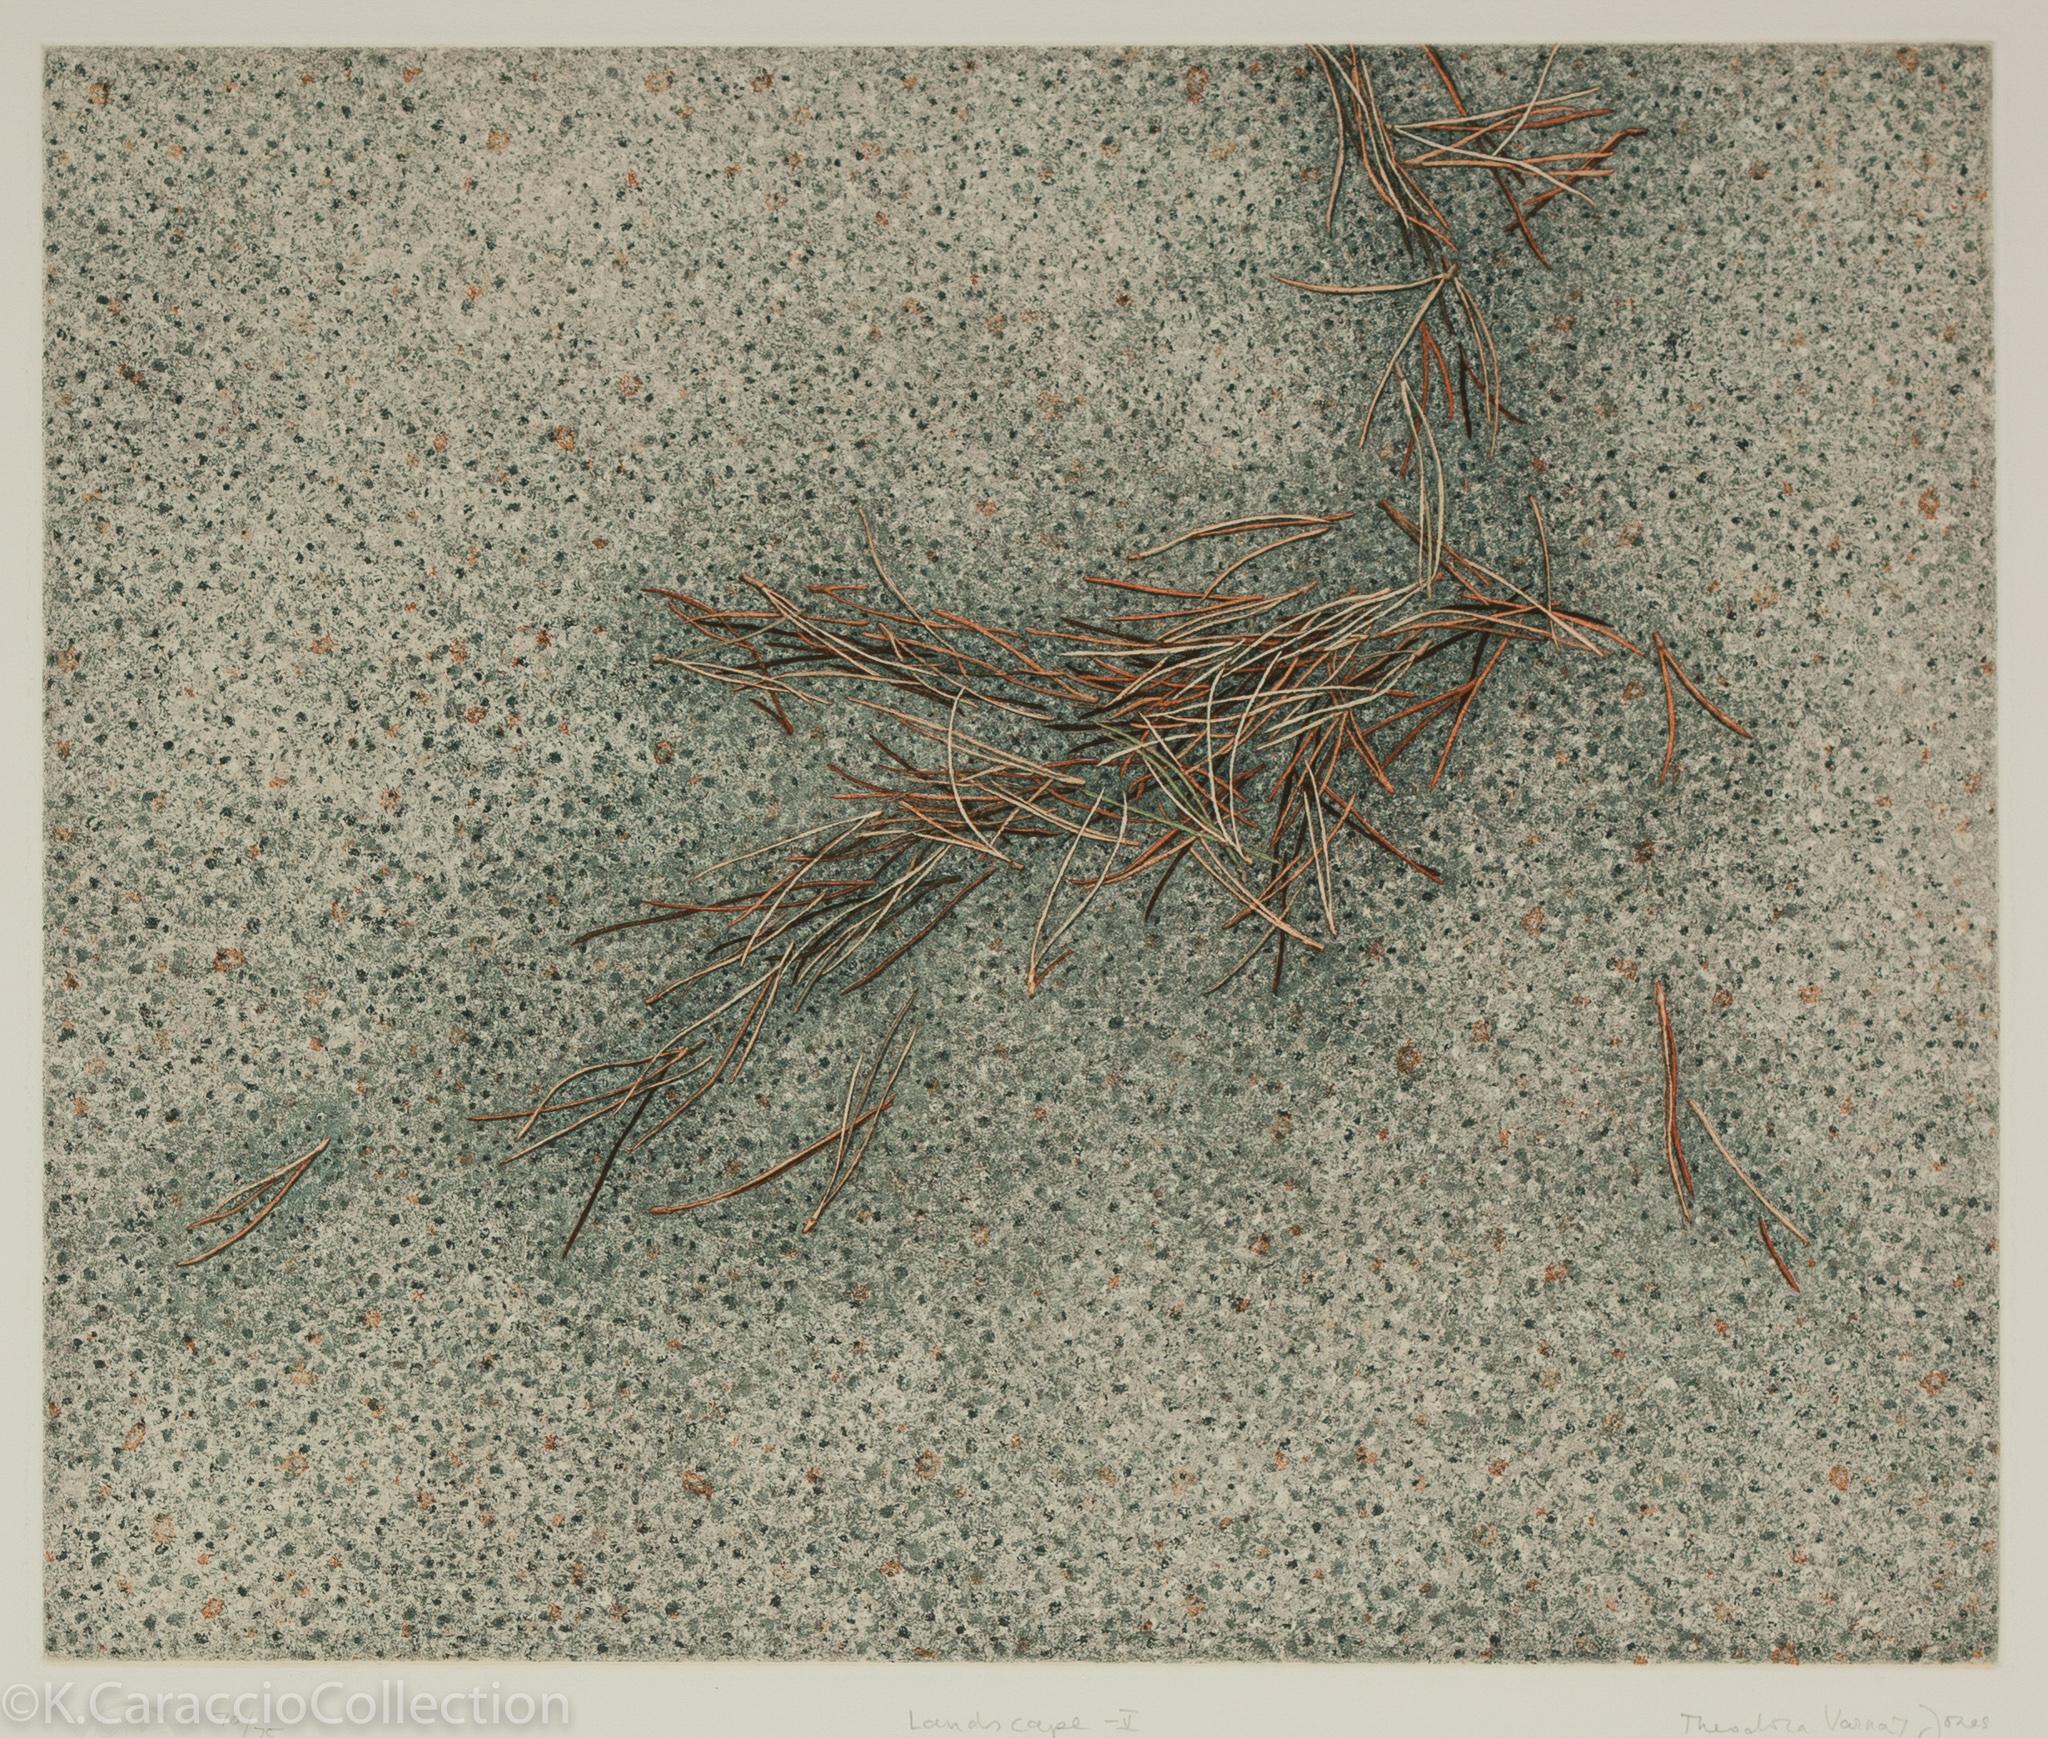 Landscape V, 1987